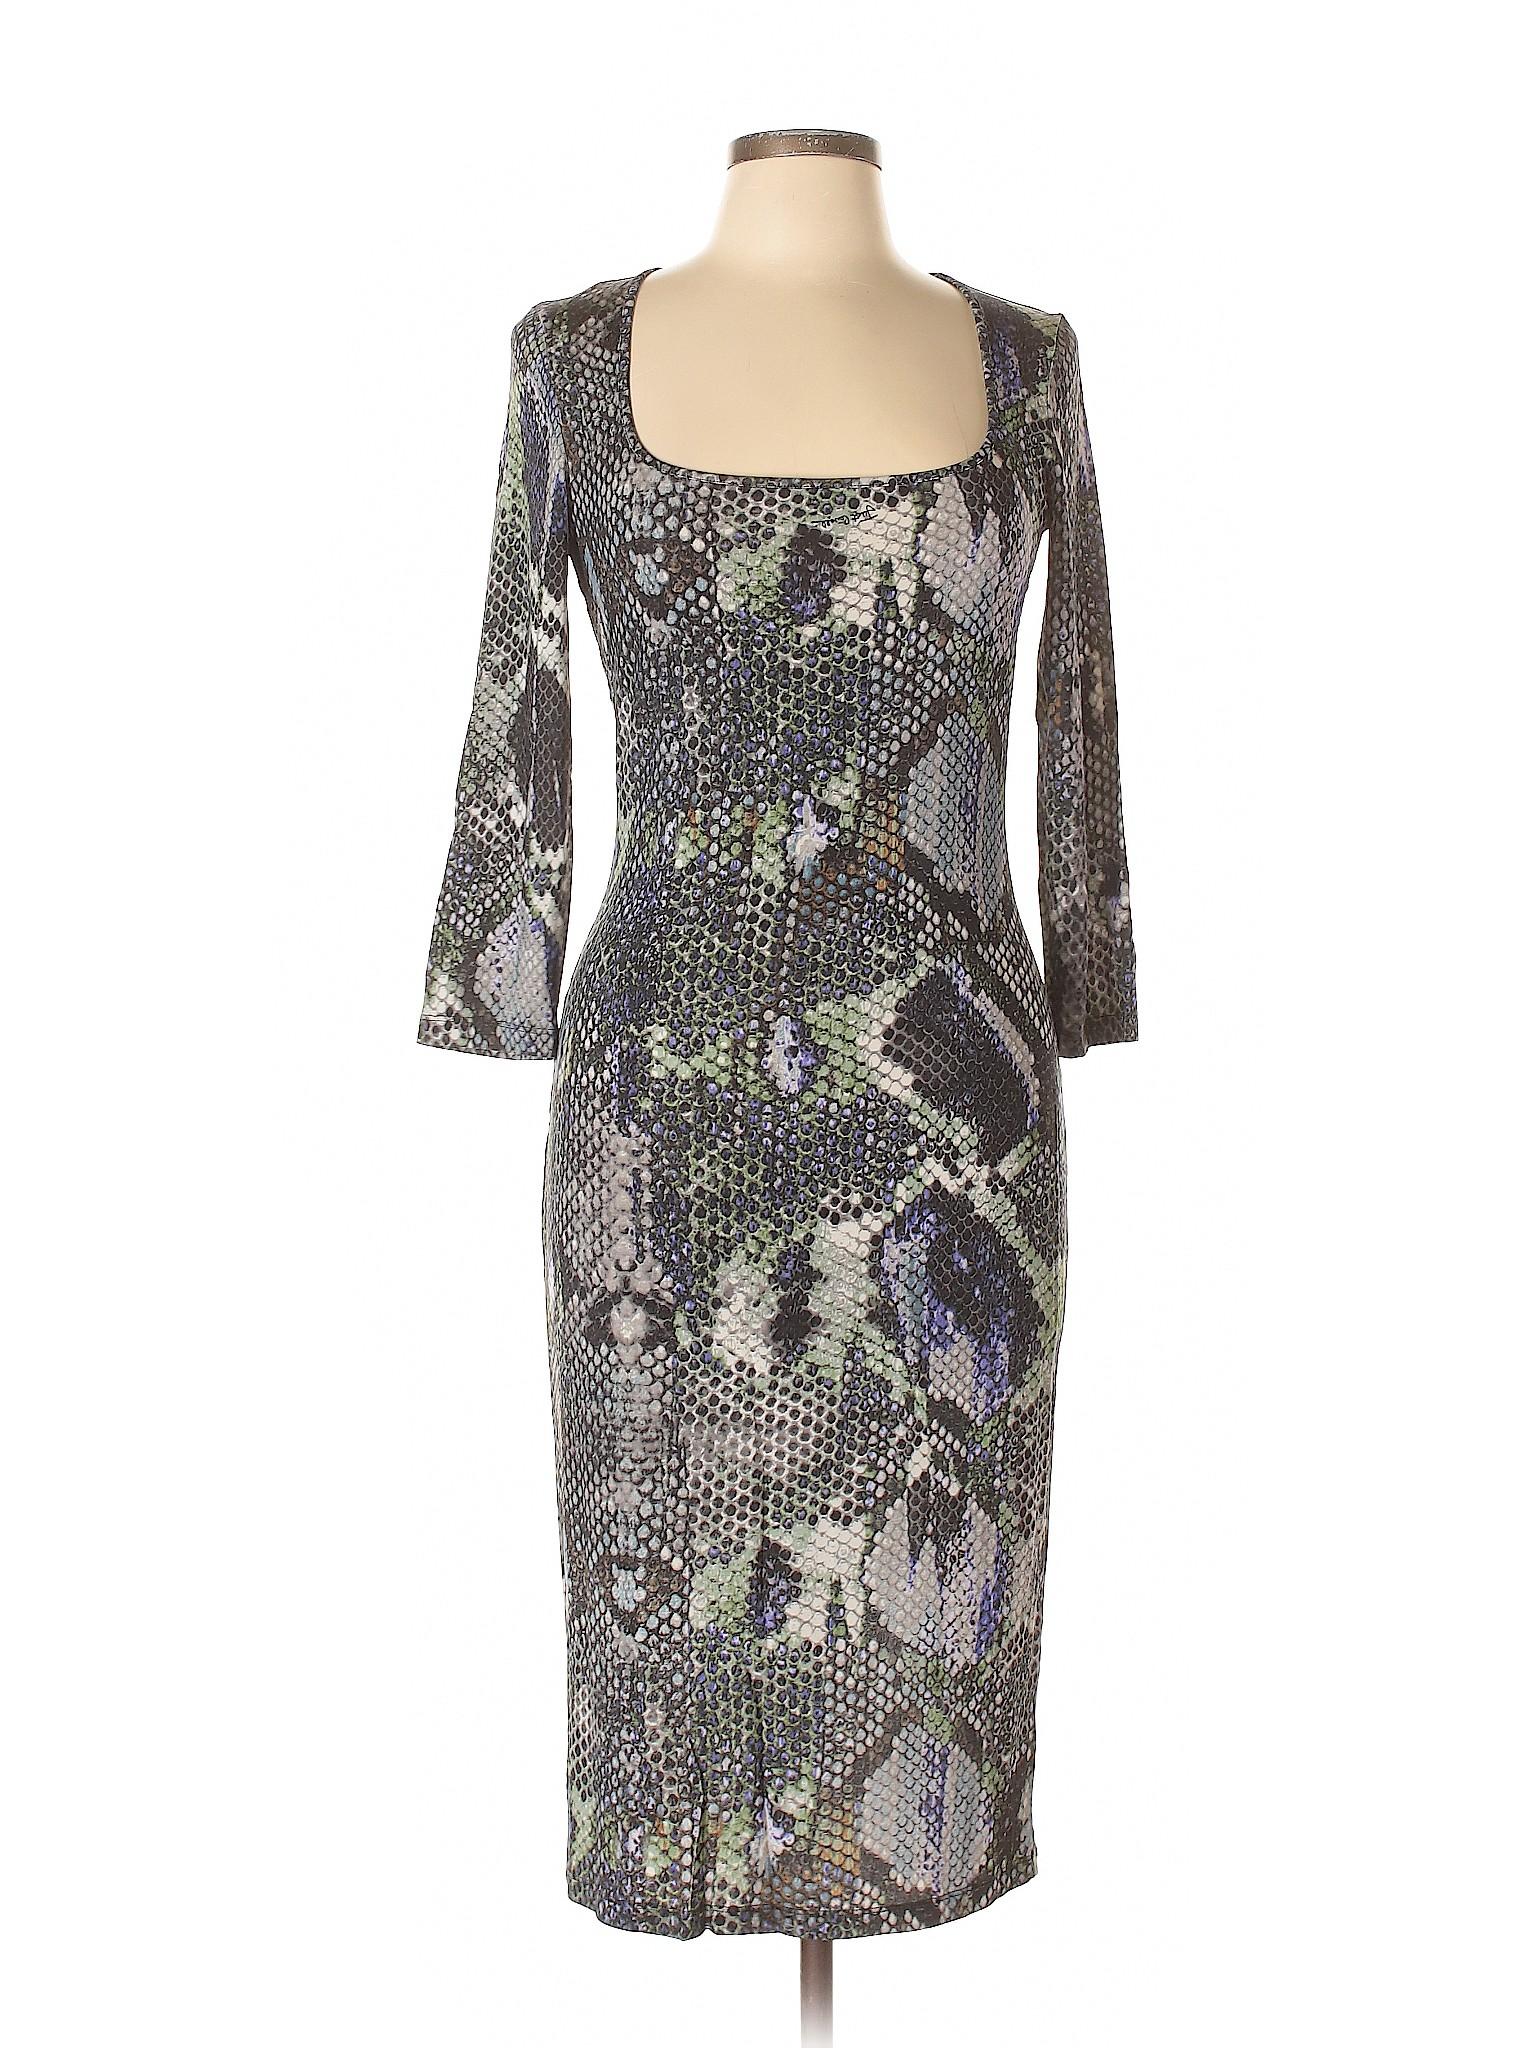 Boutique Casual Cavalli winter Dress Just OxPOqzSUw4